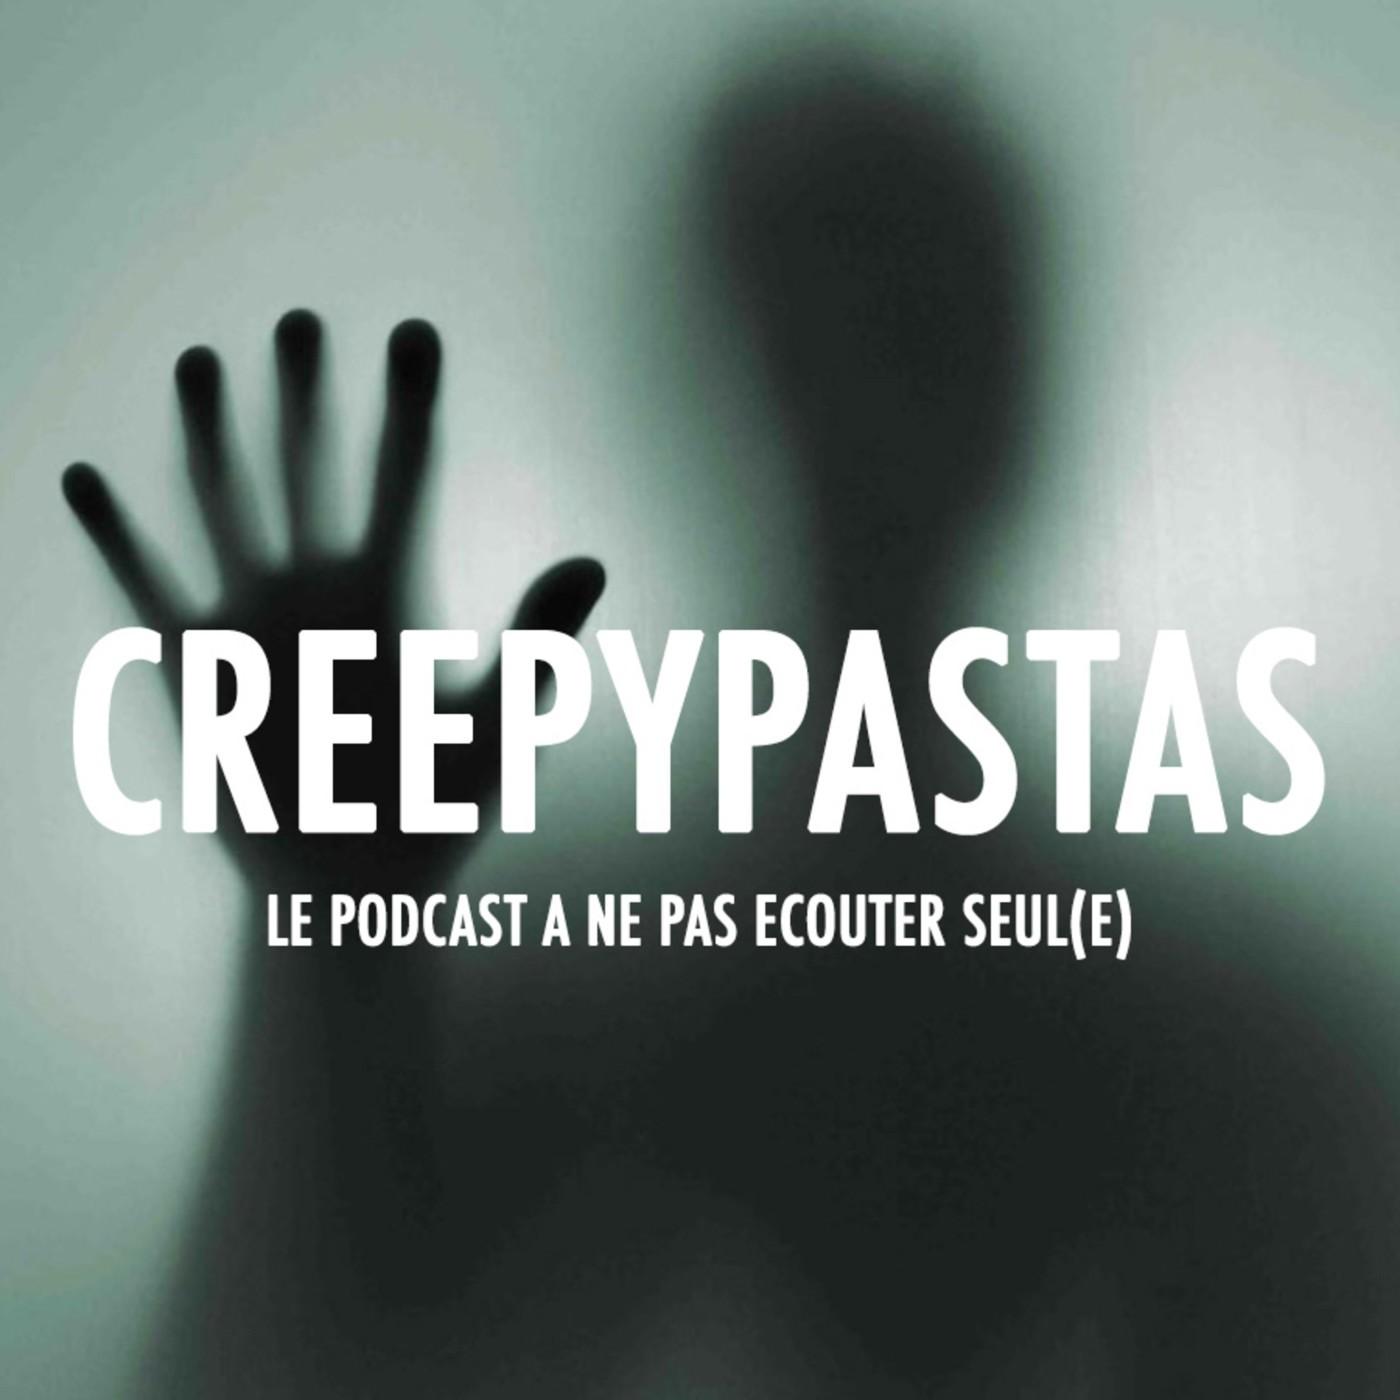 CREEPYPASTA EP.003 - J'ai vécu avec un démon - Podcast horreur & paranormal